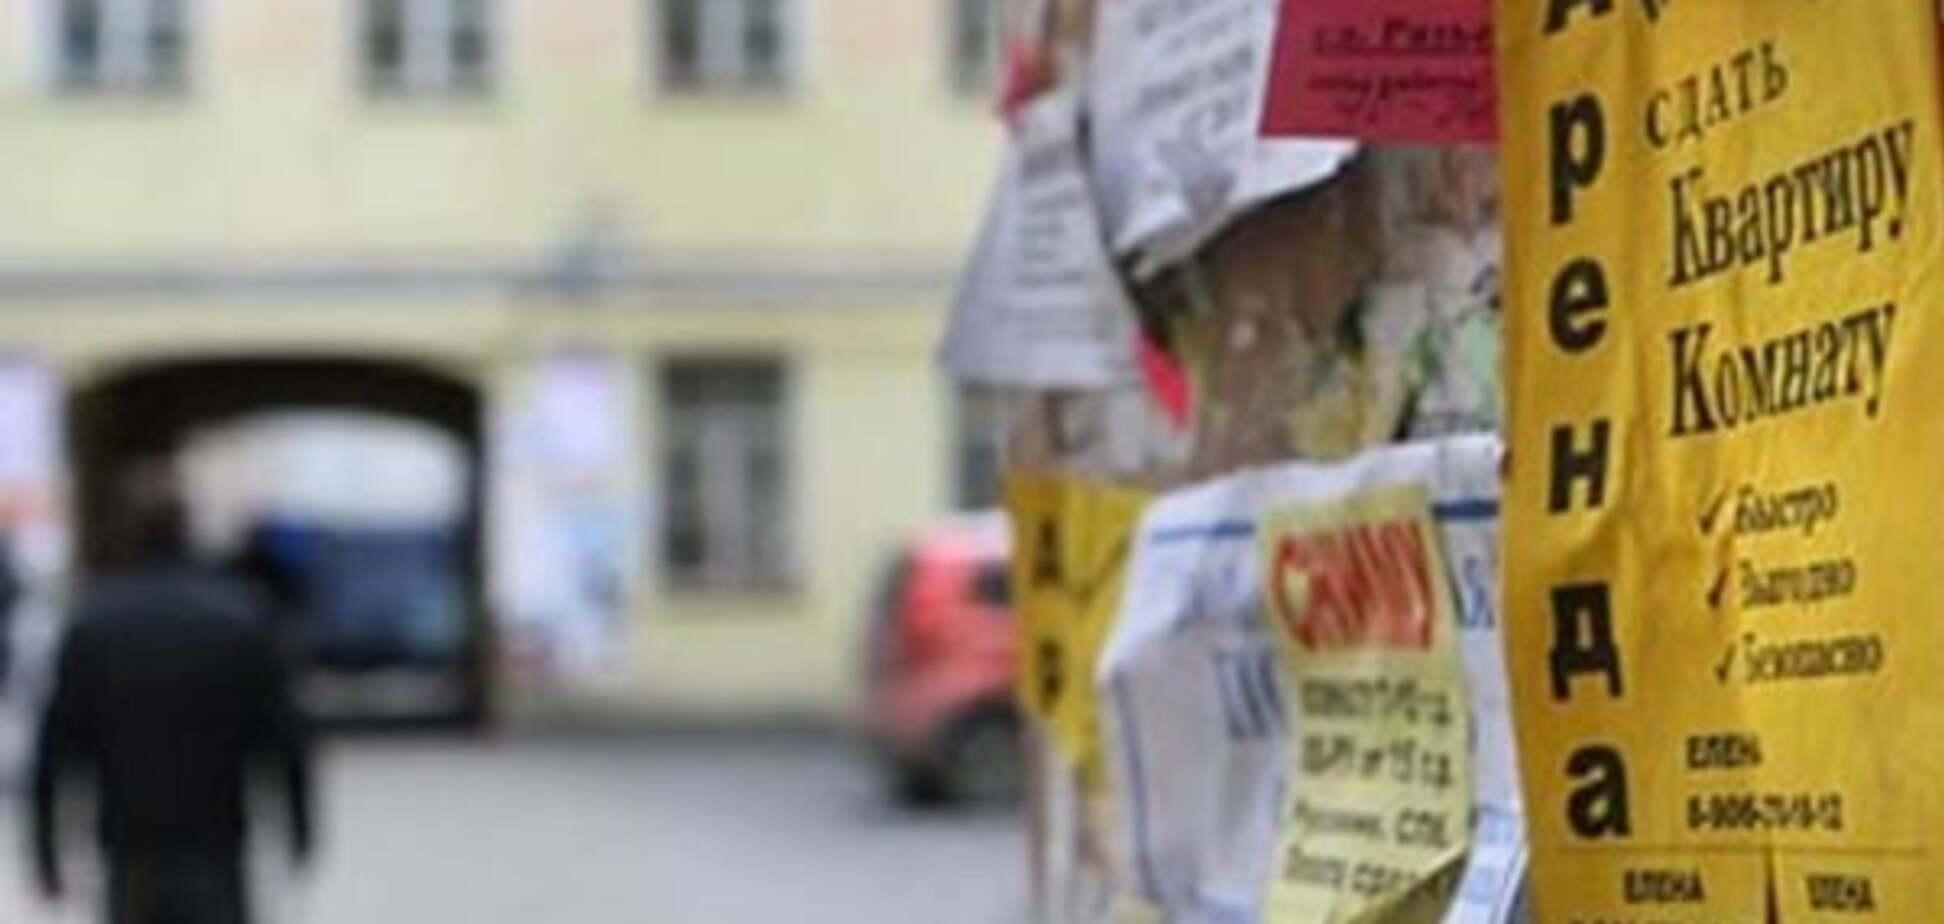 На будь-який смак: названо ціни оренди найбюджетнішого і найдорожчого житла в Києві